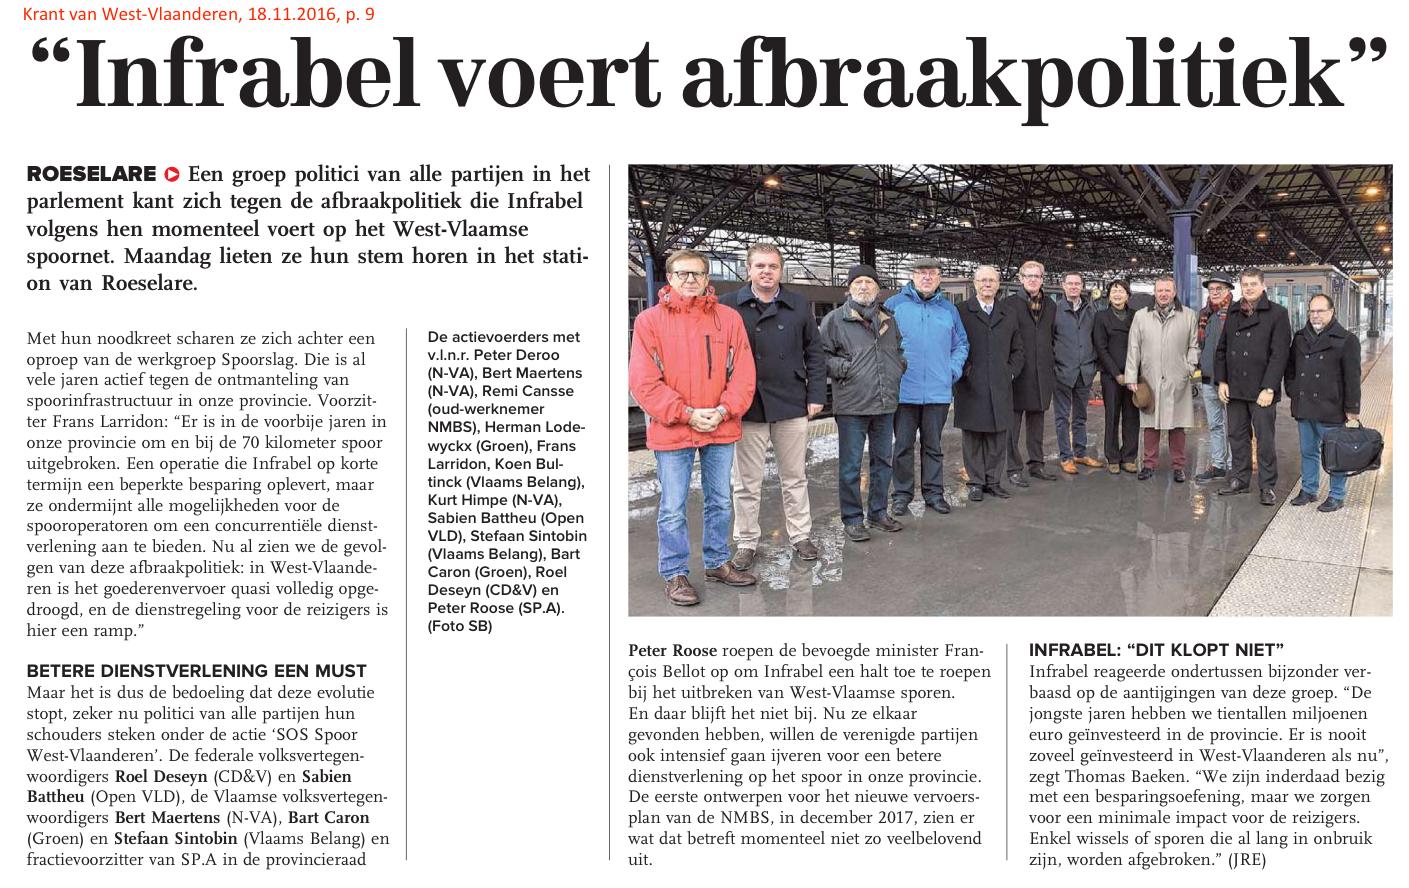 Krant van West-Vlaanderen, 18.11.2016, p. 9